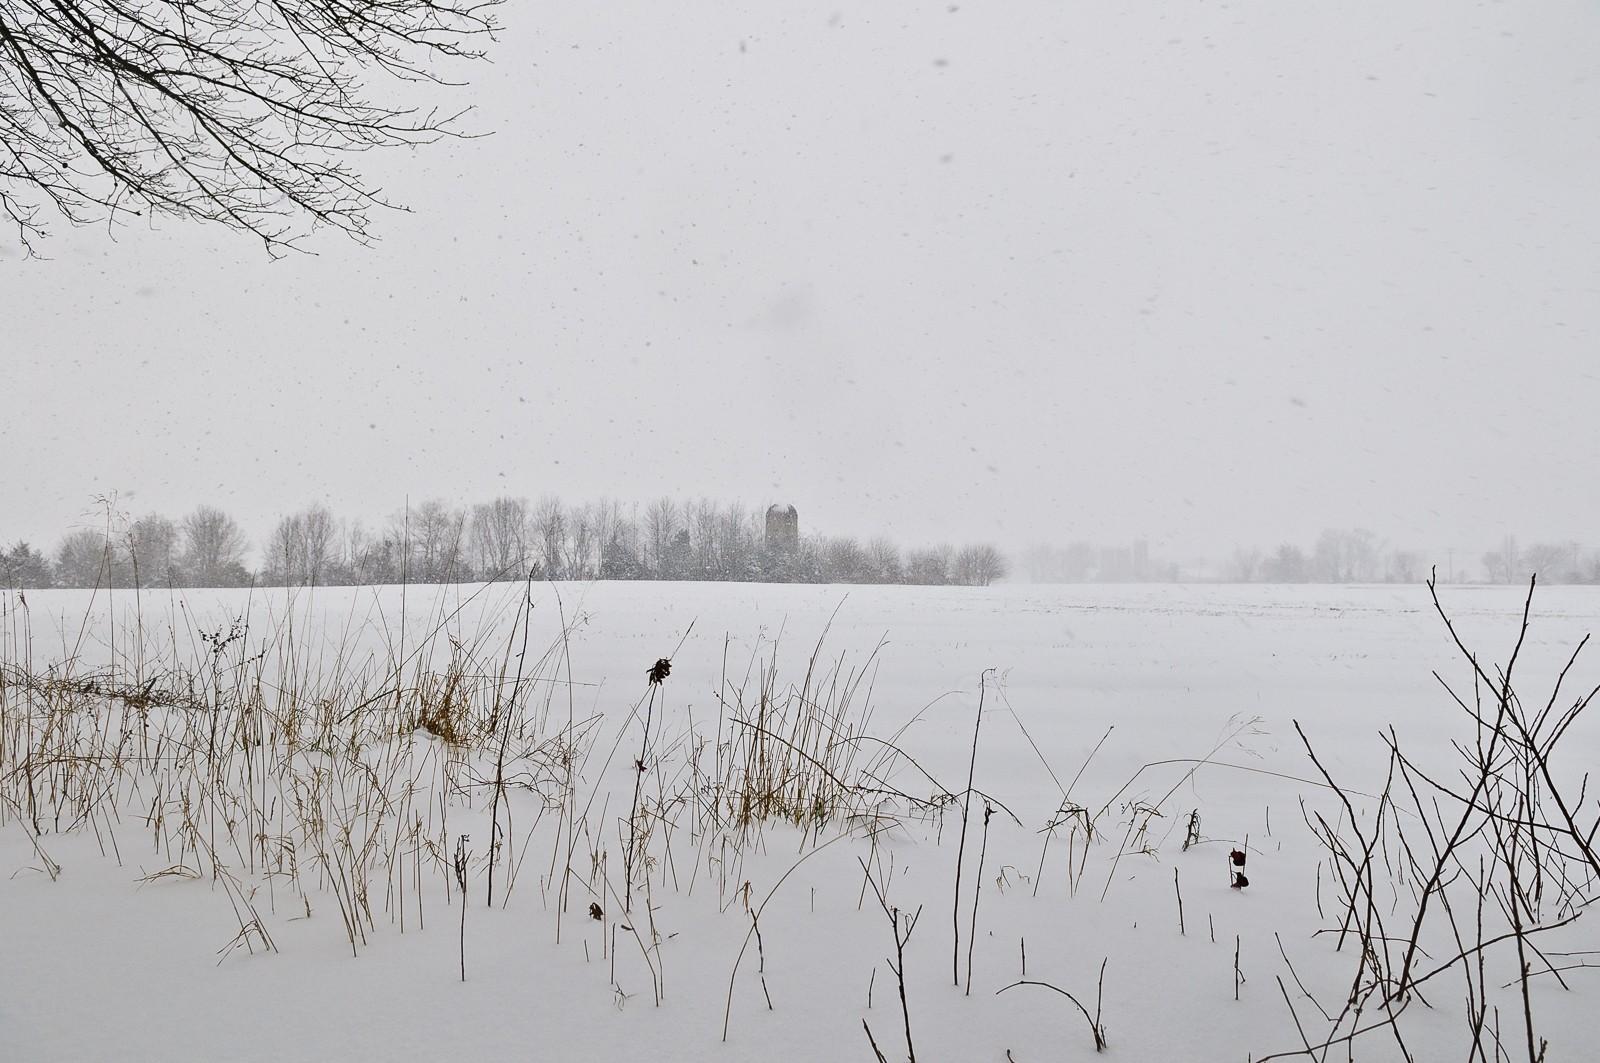 snow-storm-3471